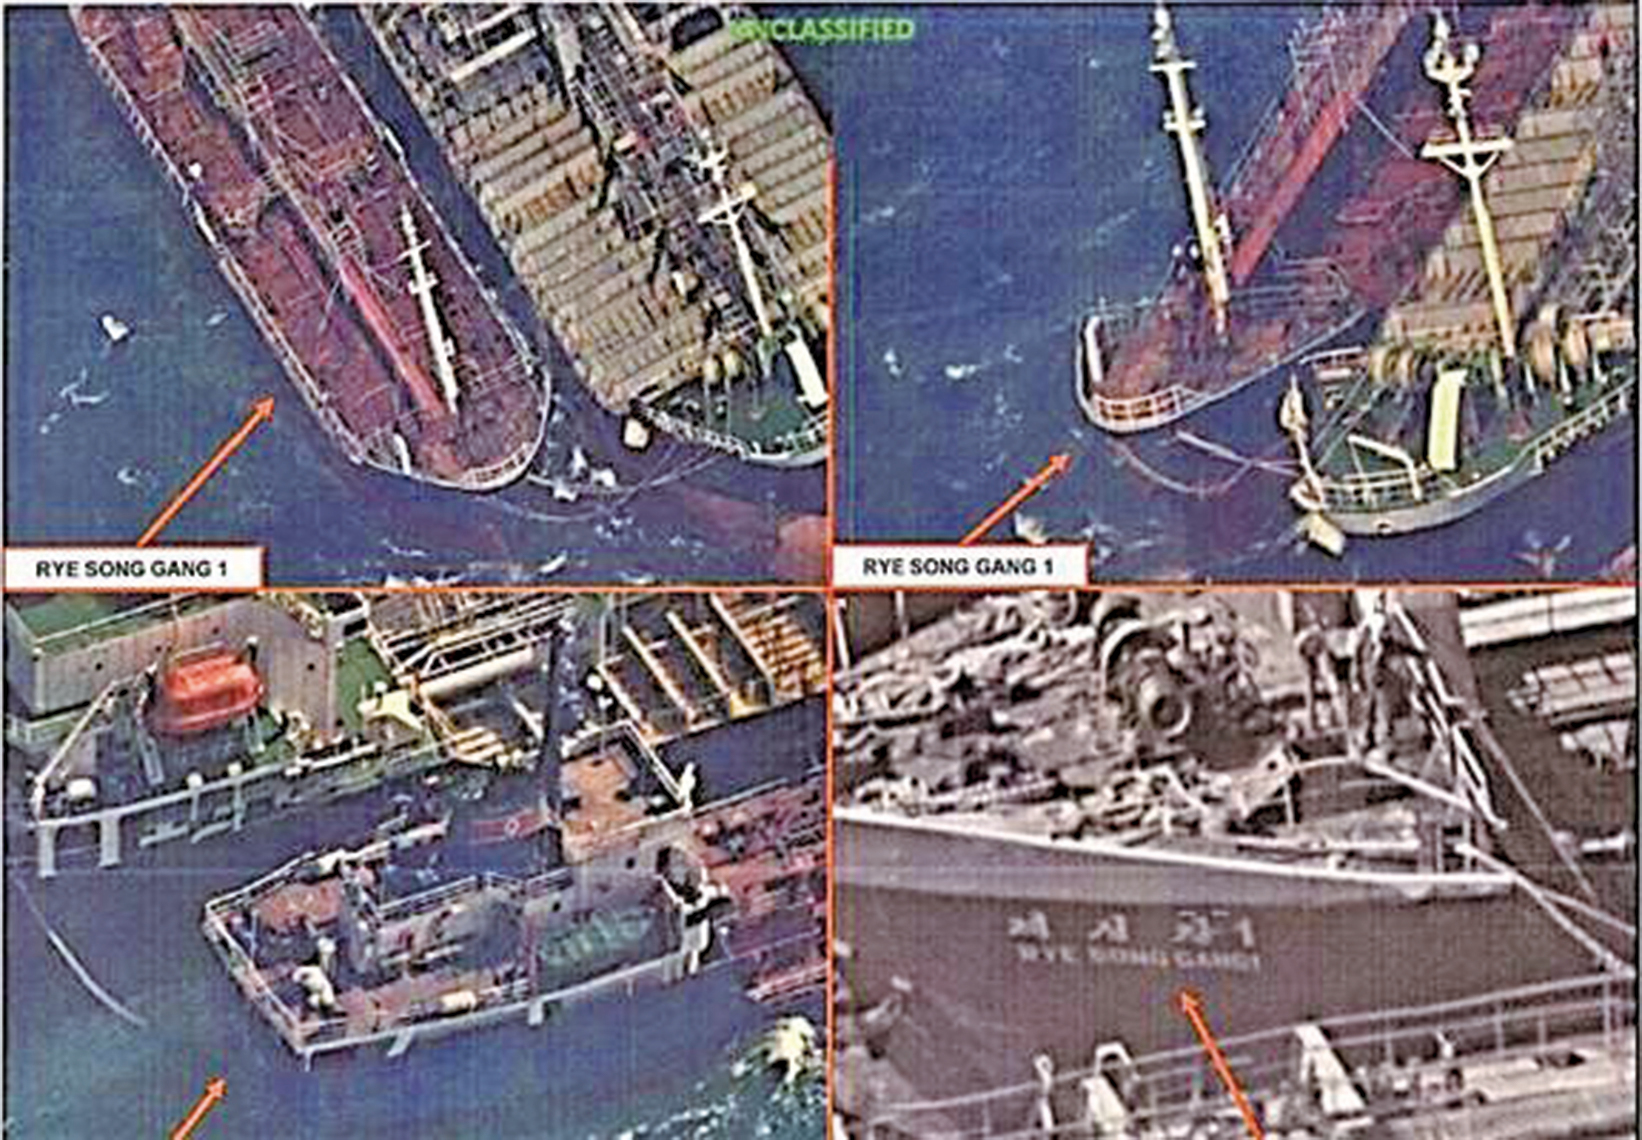 圖為美國偵察衛星捕捉到的北韓船舶在朝鮮半島西海公海上從中國船舶上進行油類走私的現場畫面。(美國財政部)